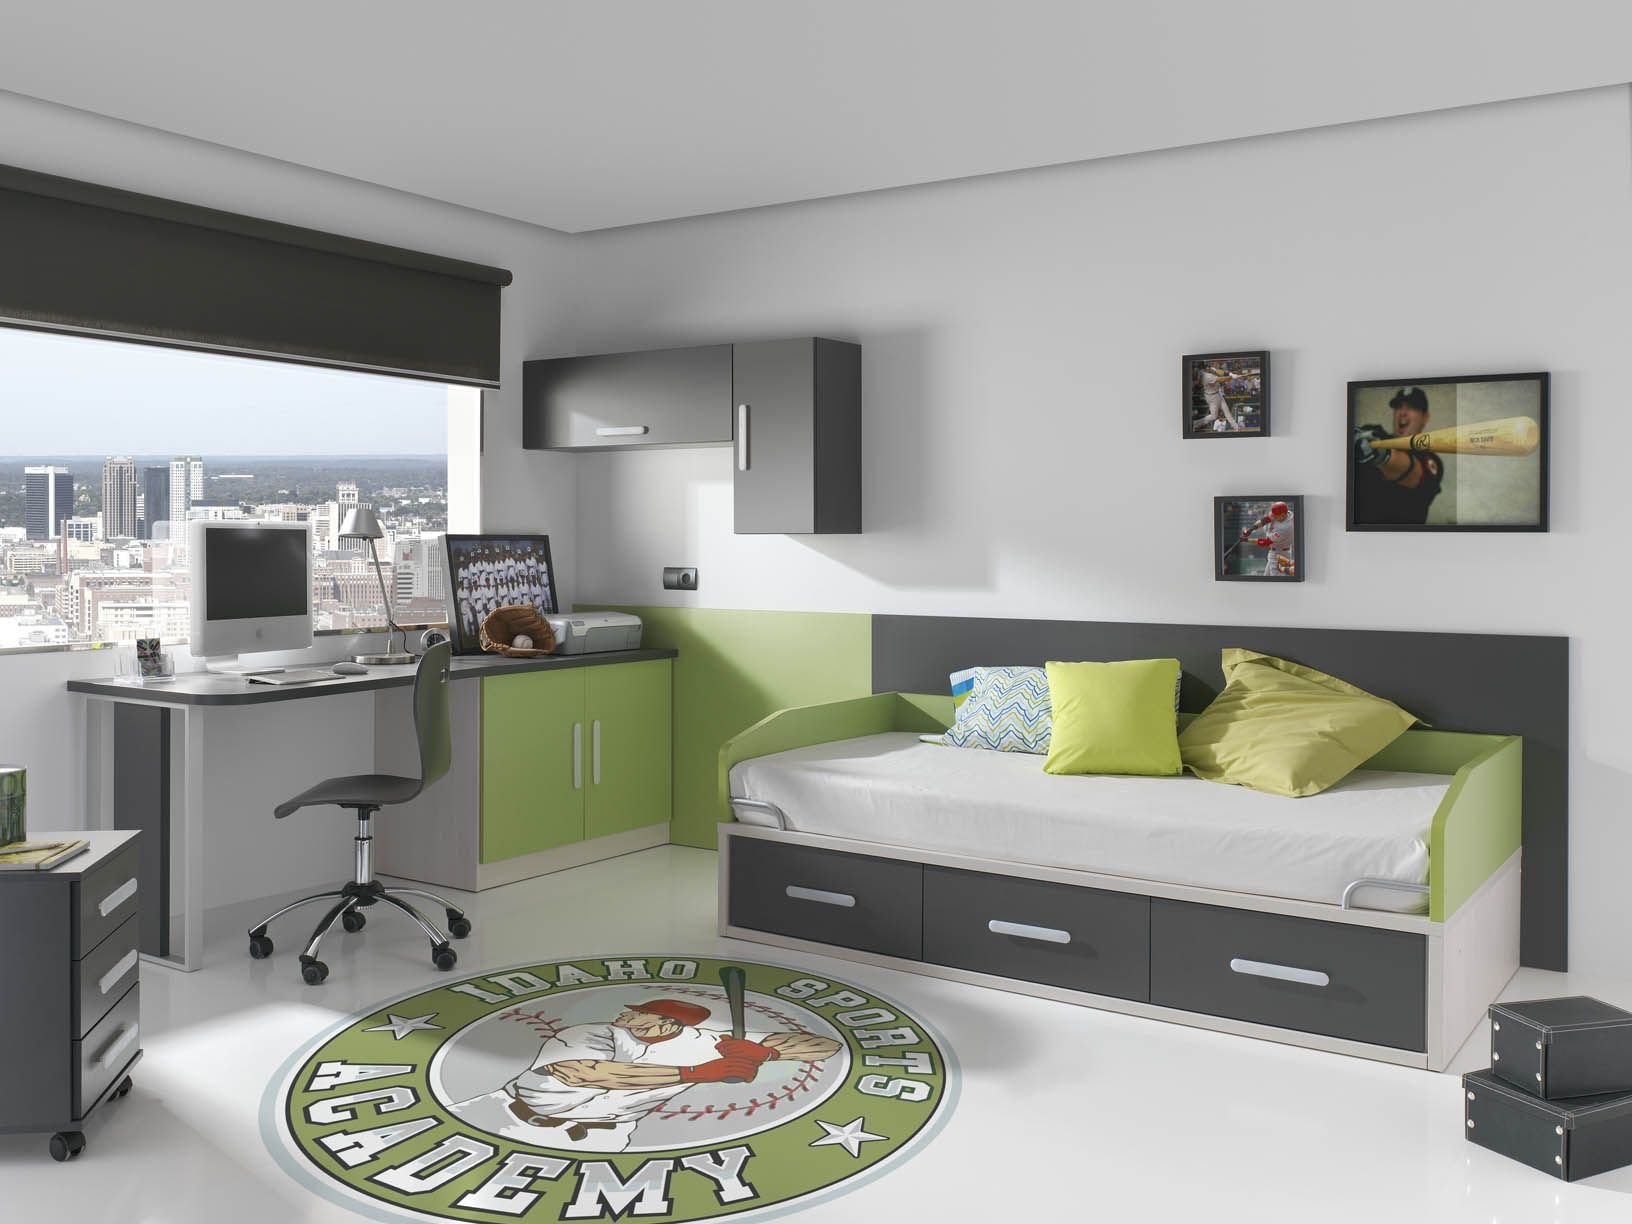 Las mejores habitaciones juveniles del mundo buscar con for Decoracion habitaciones juveniles nina